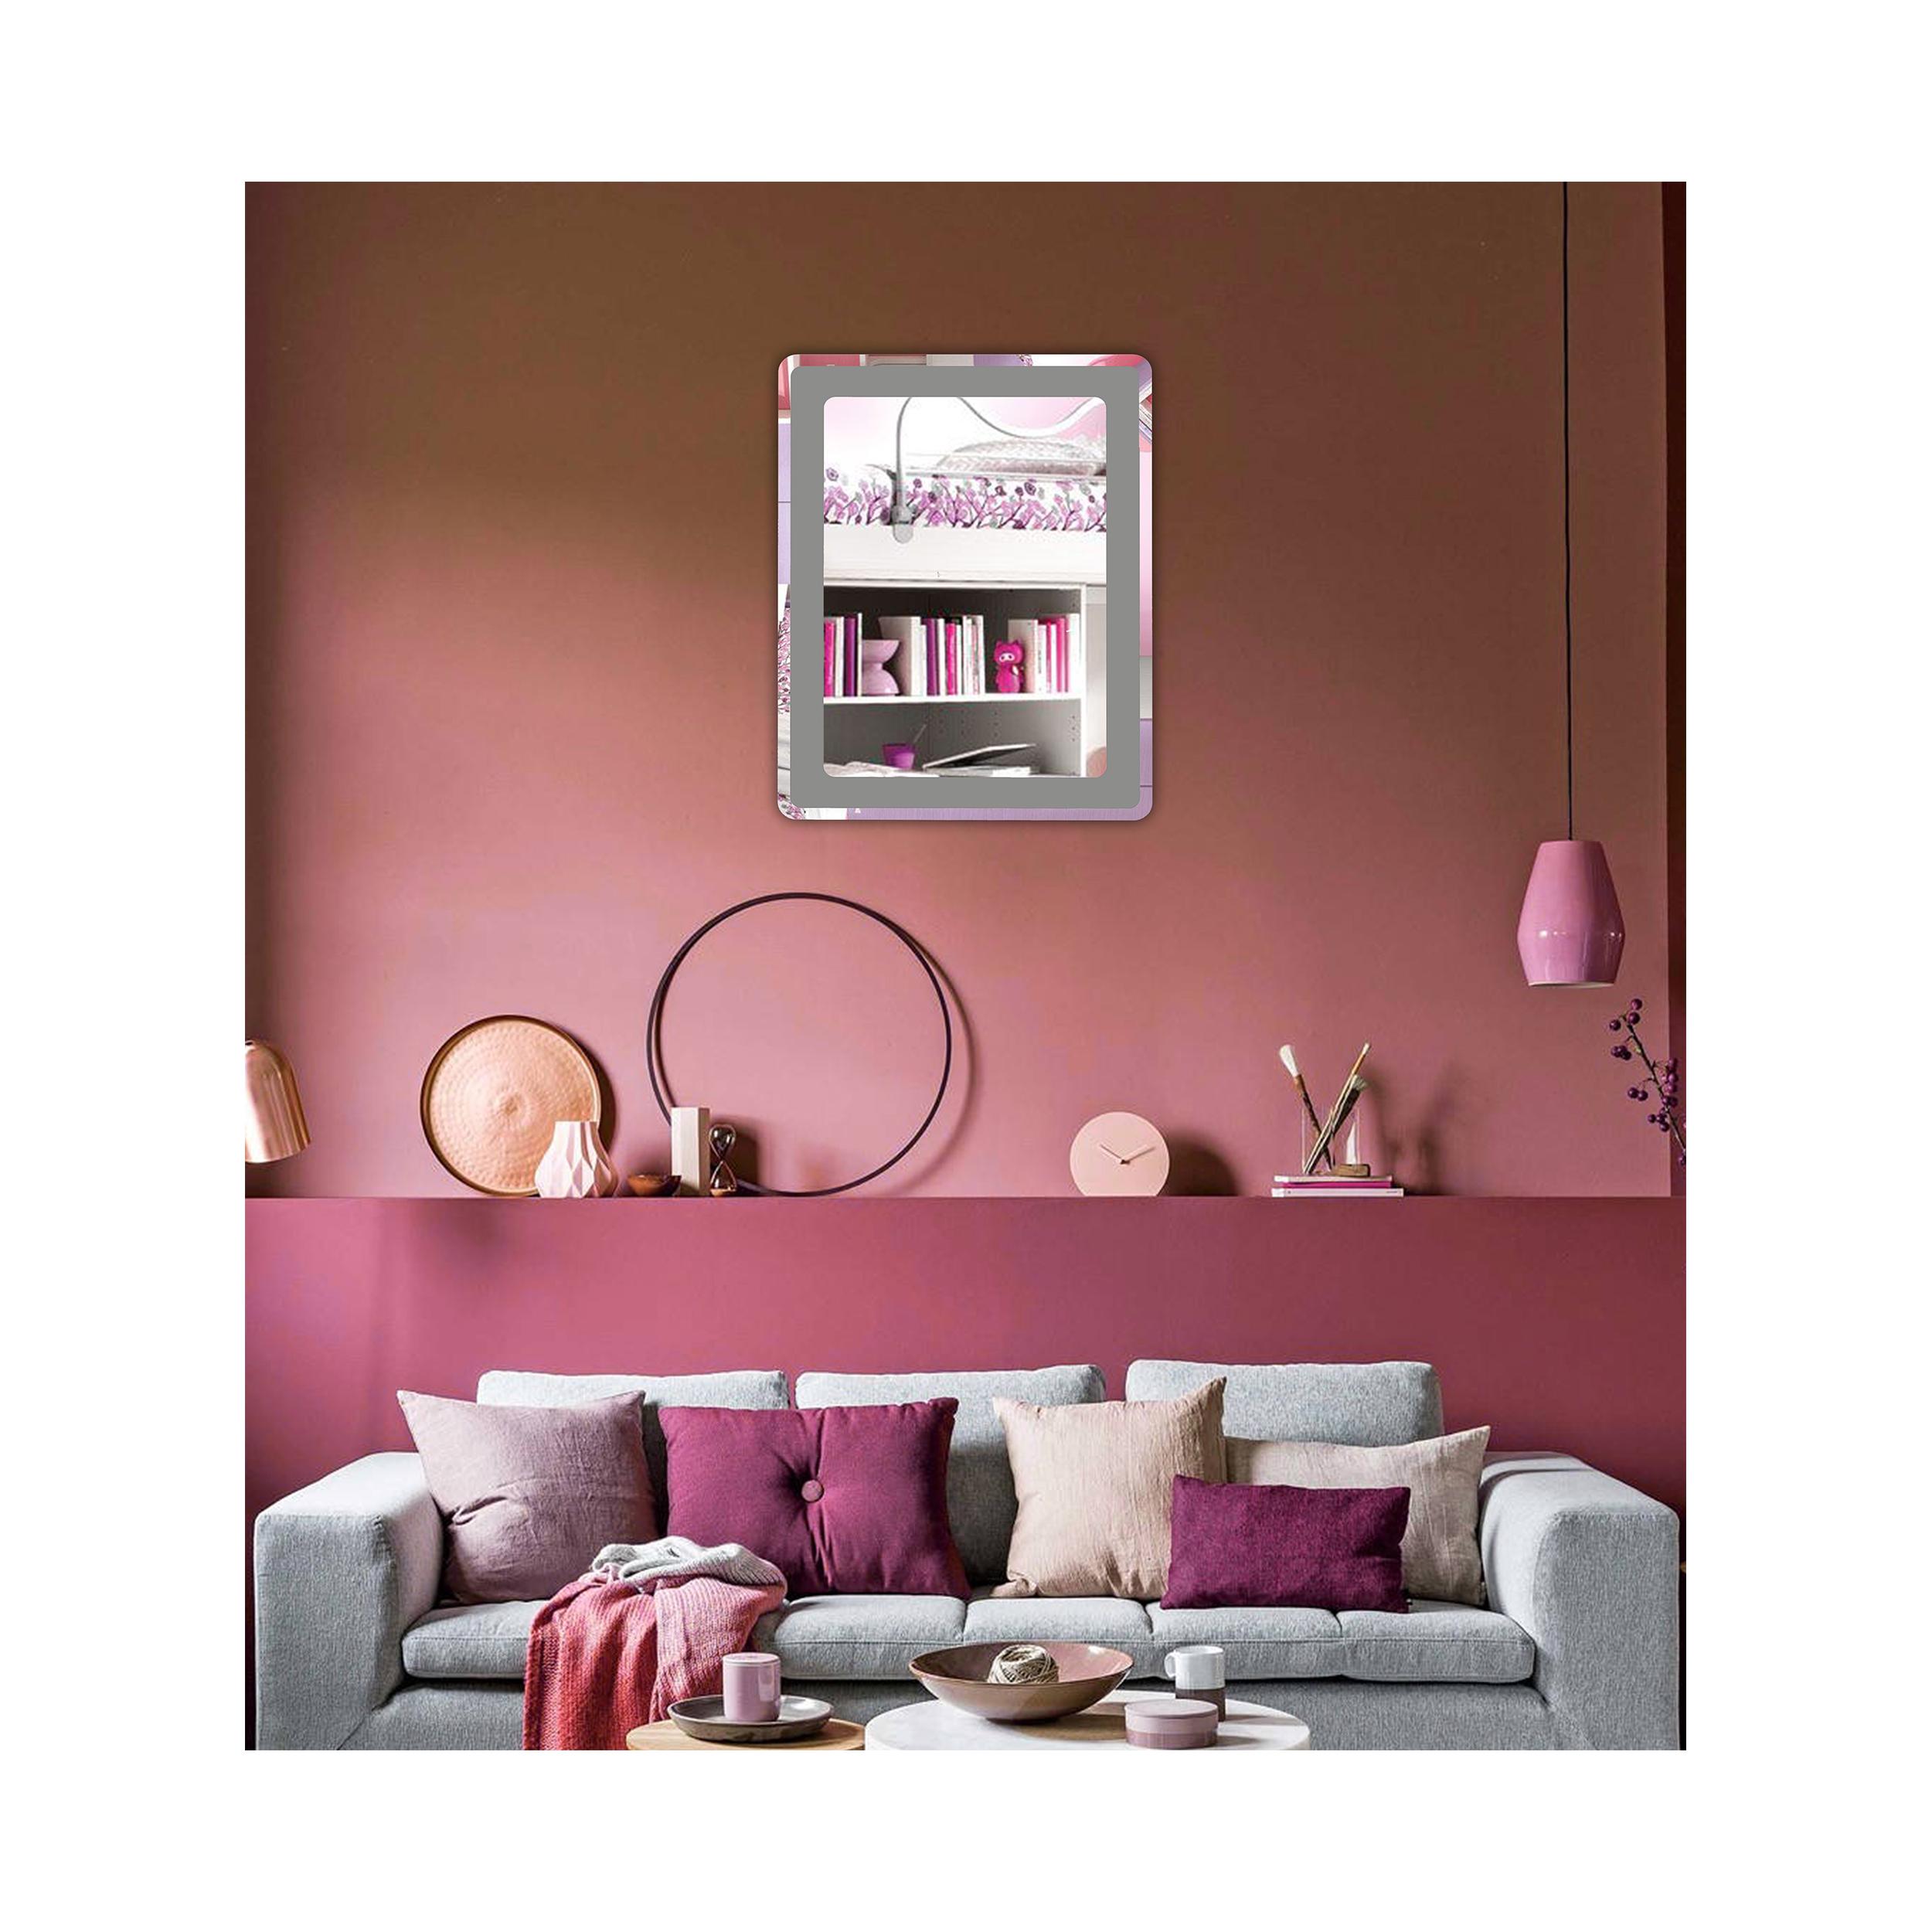 آینه تهران آینه کد 501